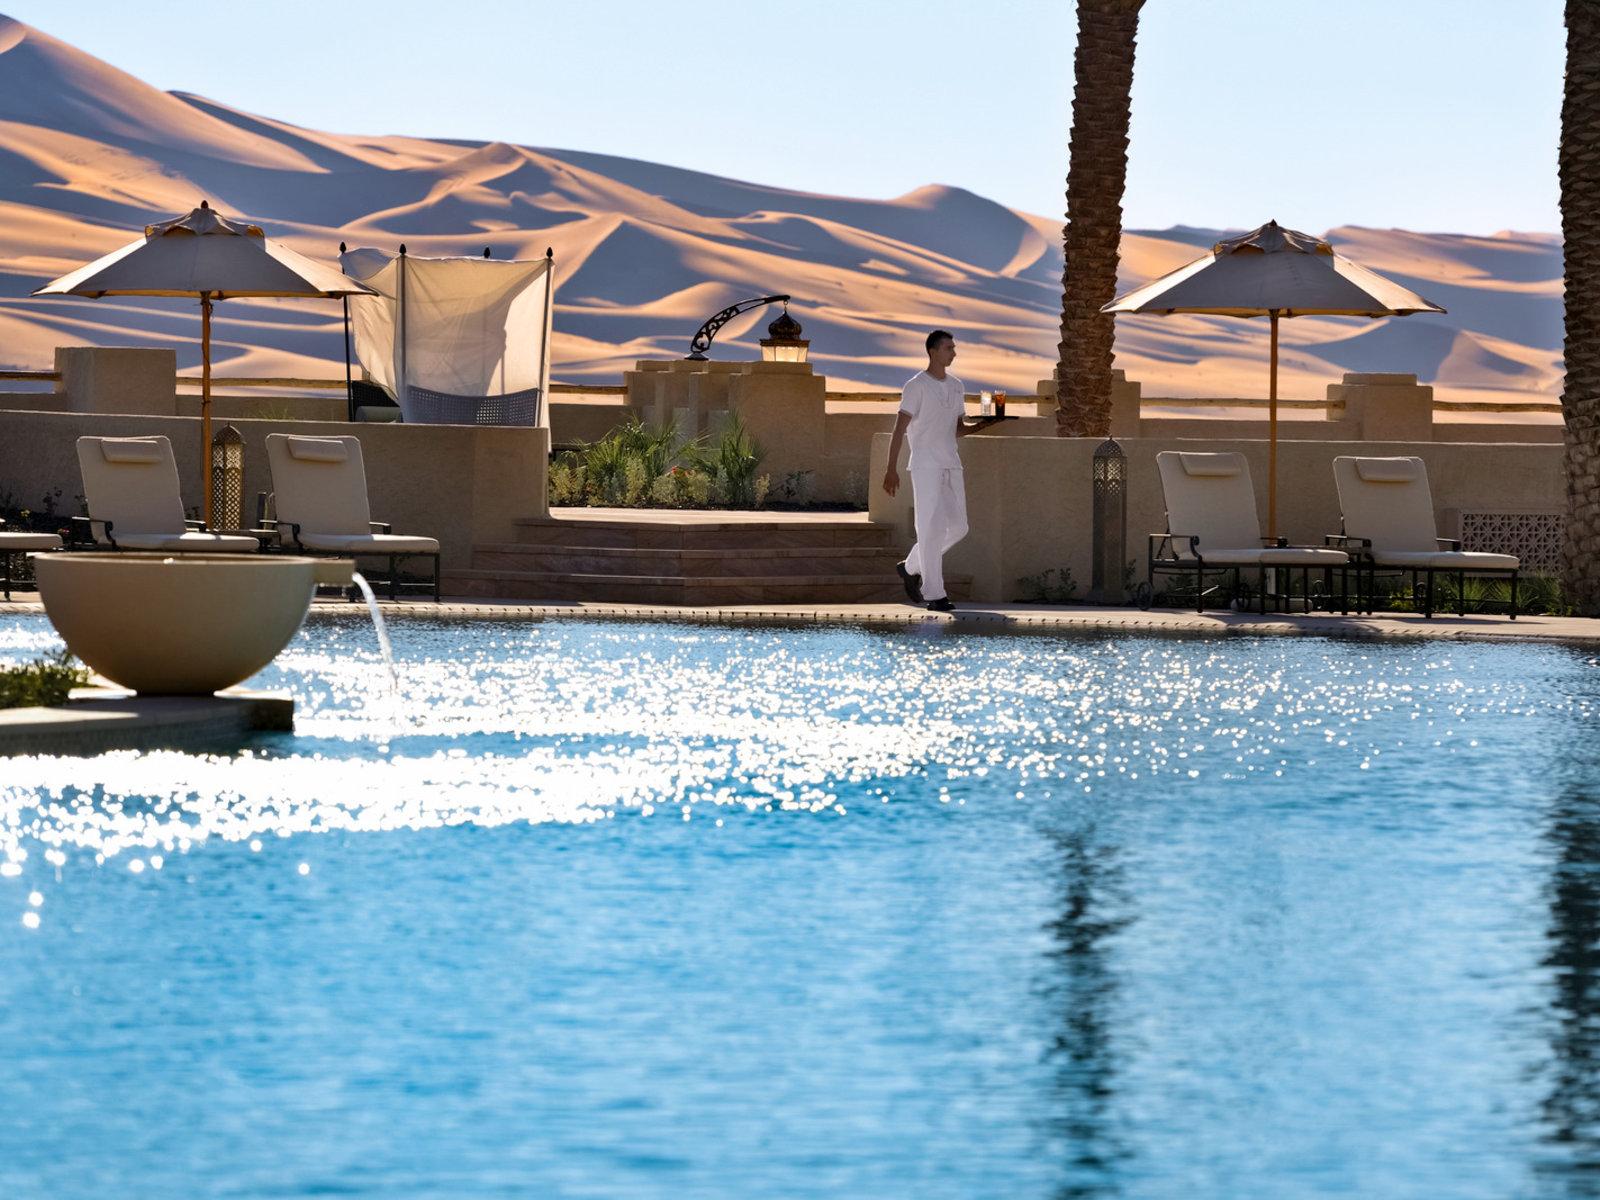 Poolbar Outdoor